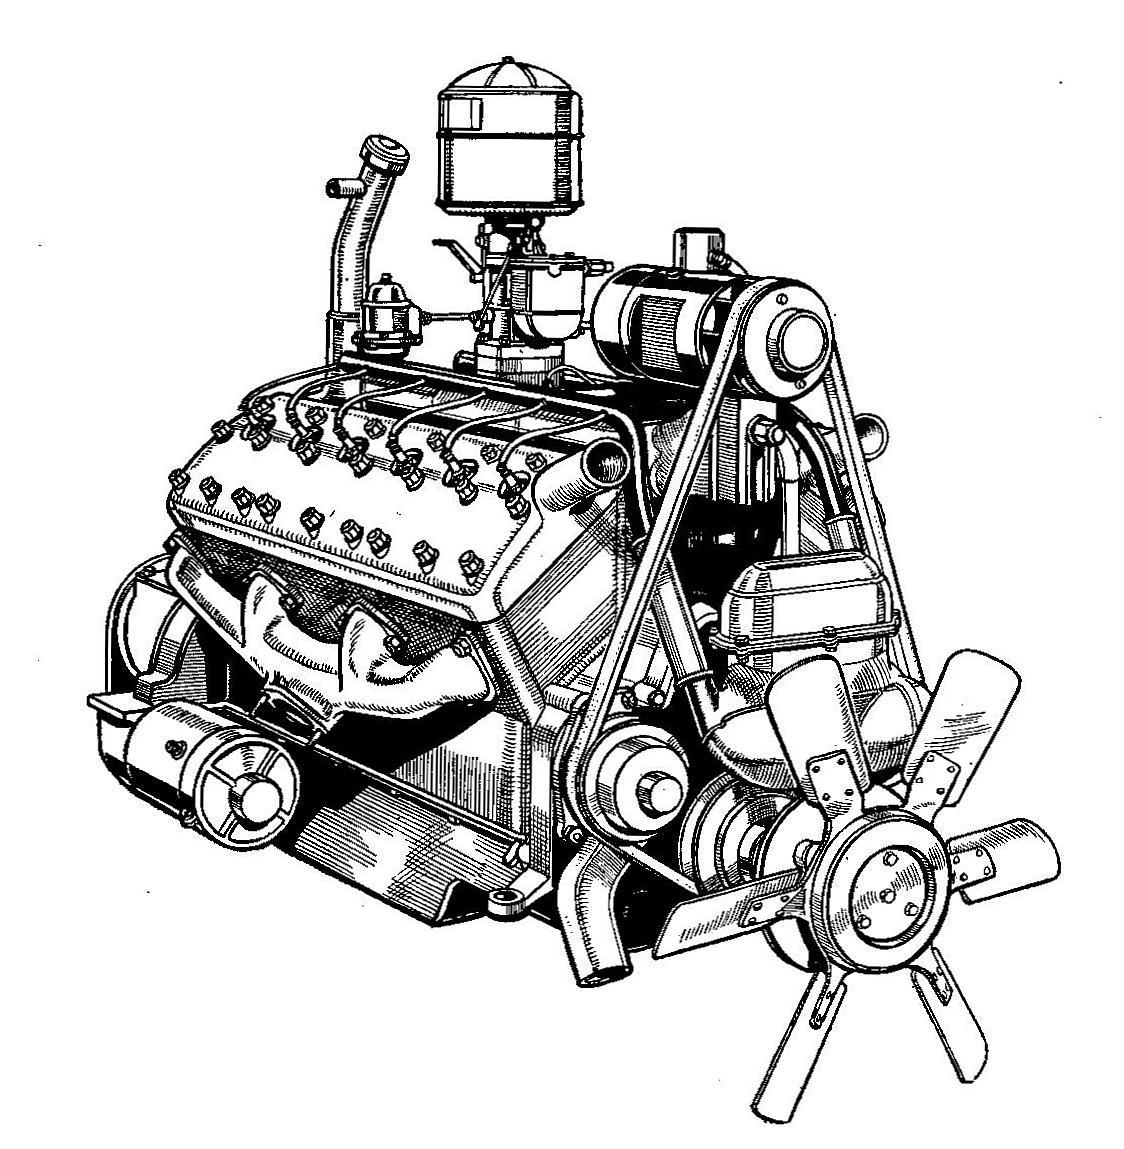 Packard V8 Engines